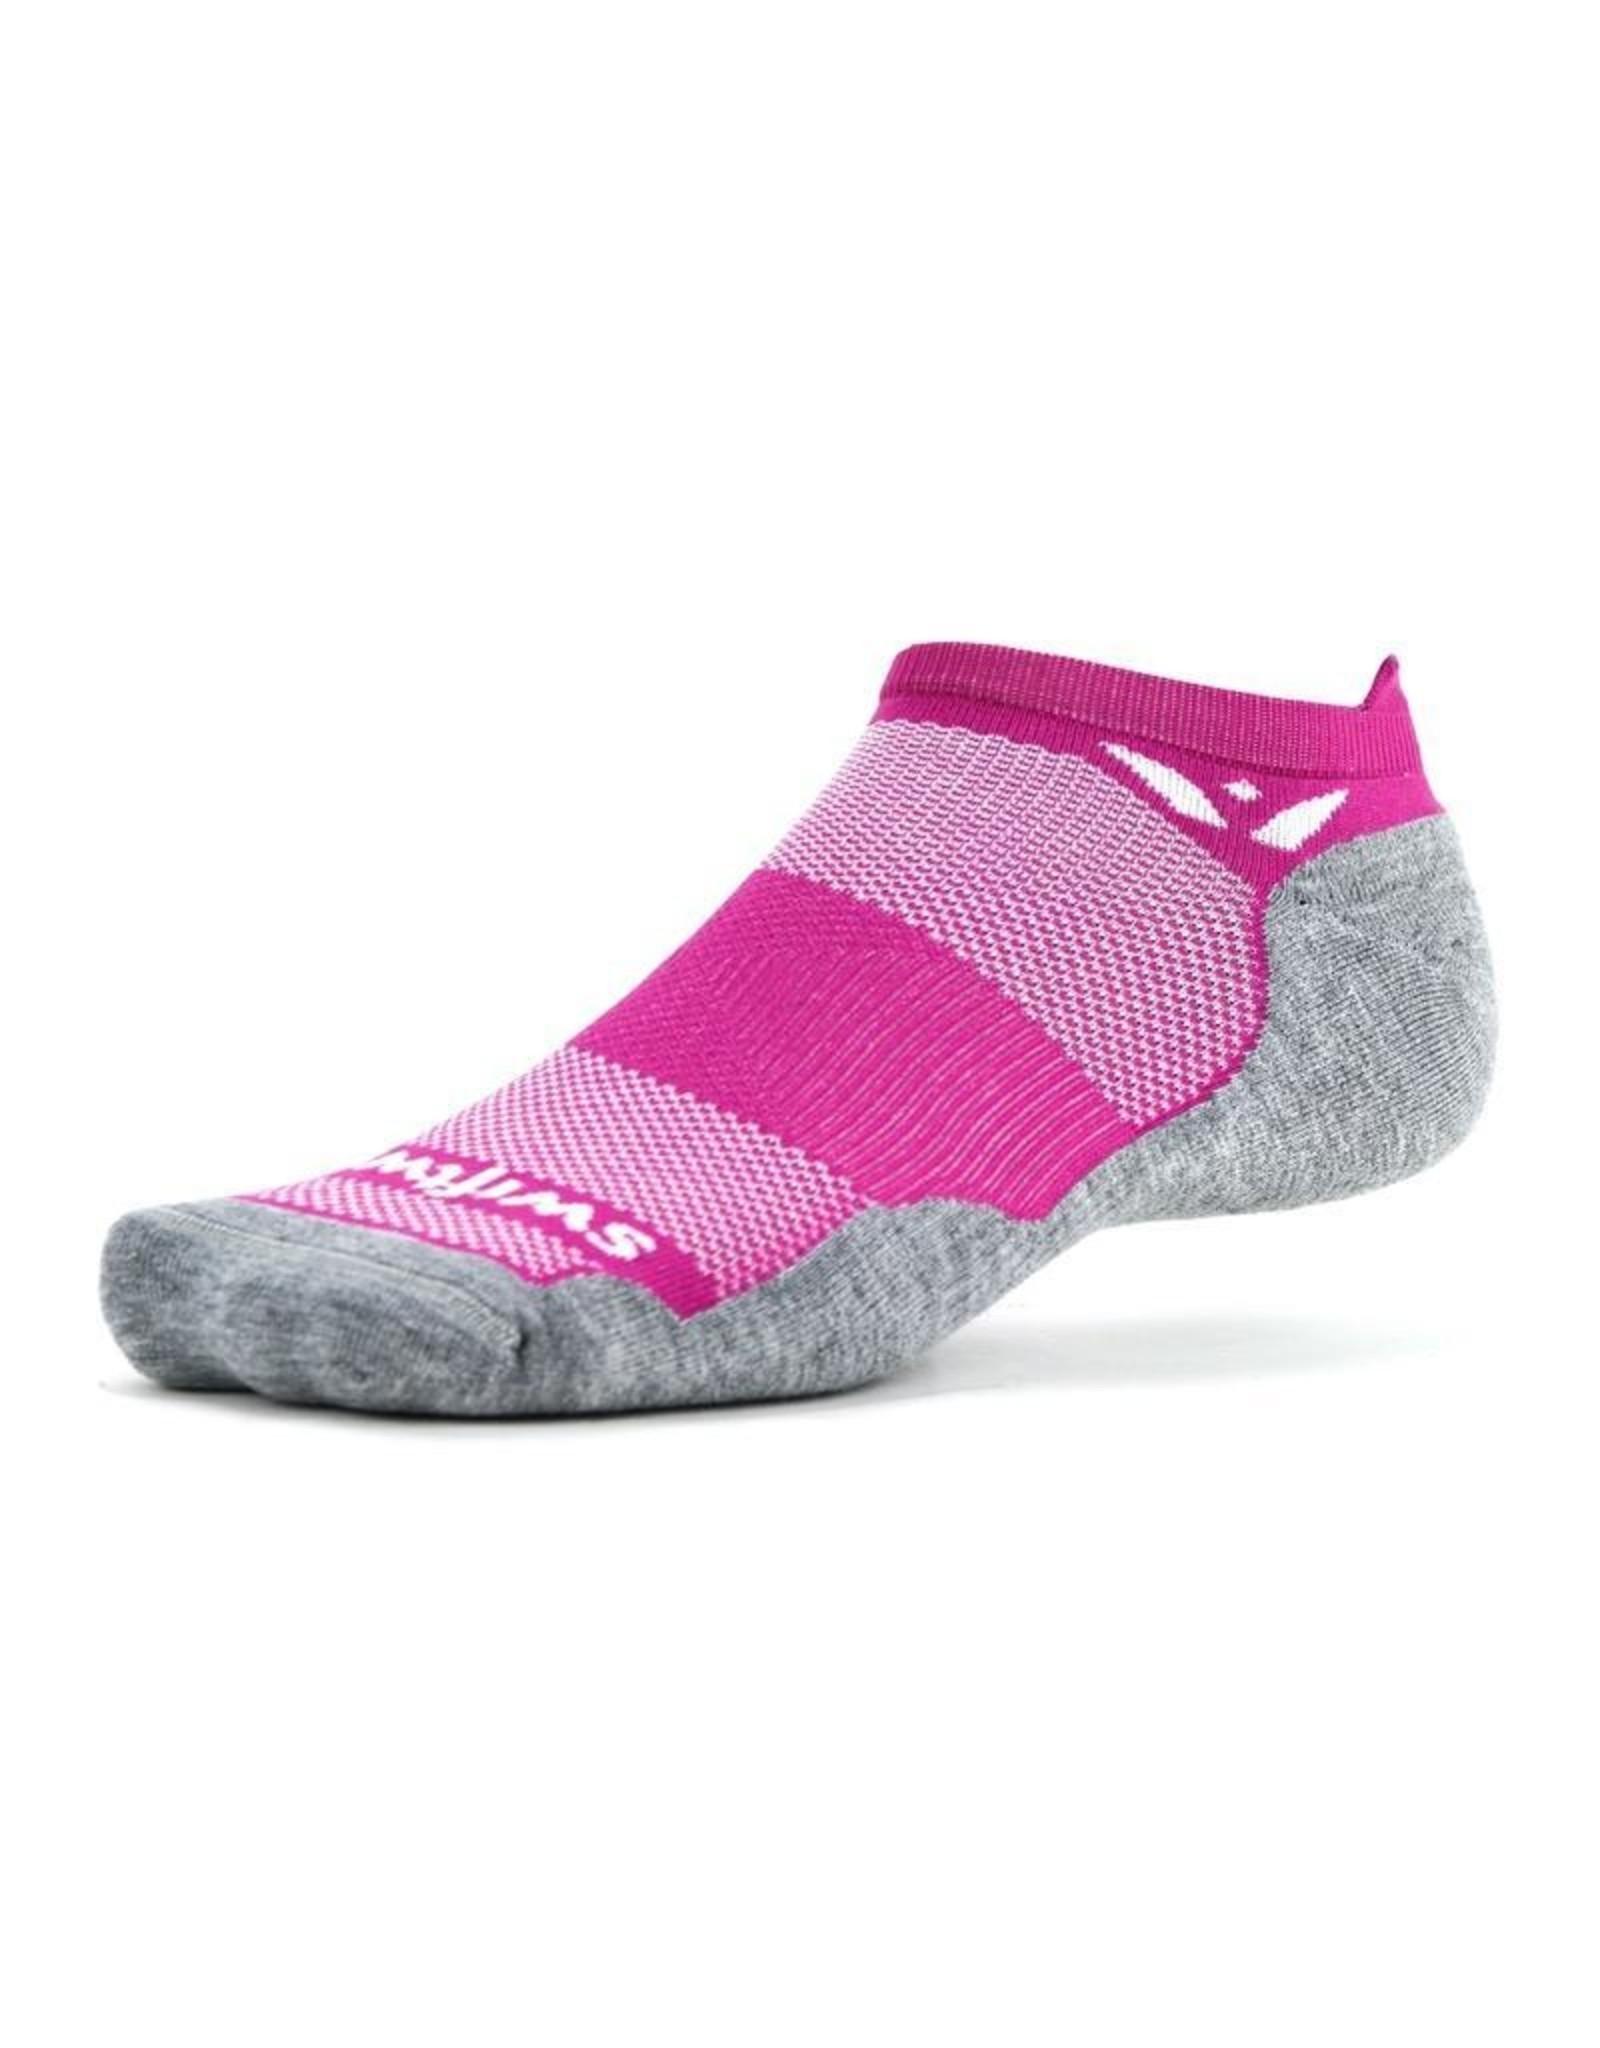 Swiftwick Swiftwick Maxus Zero Tab Running Sock